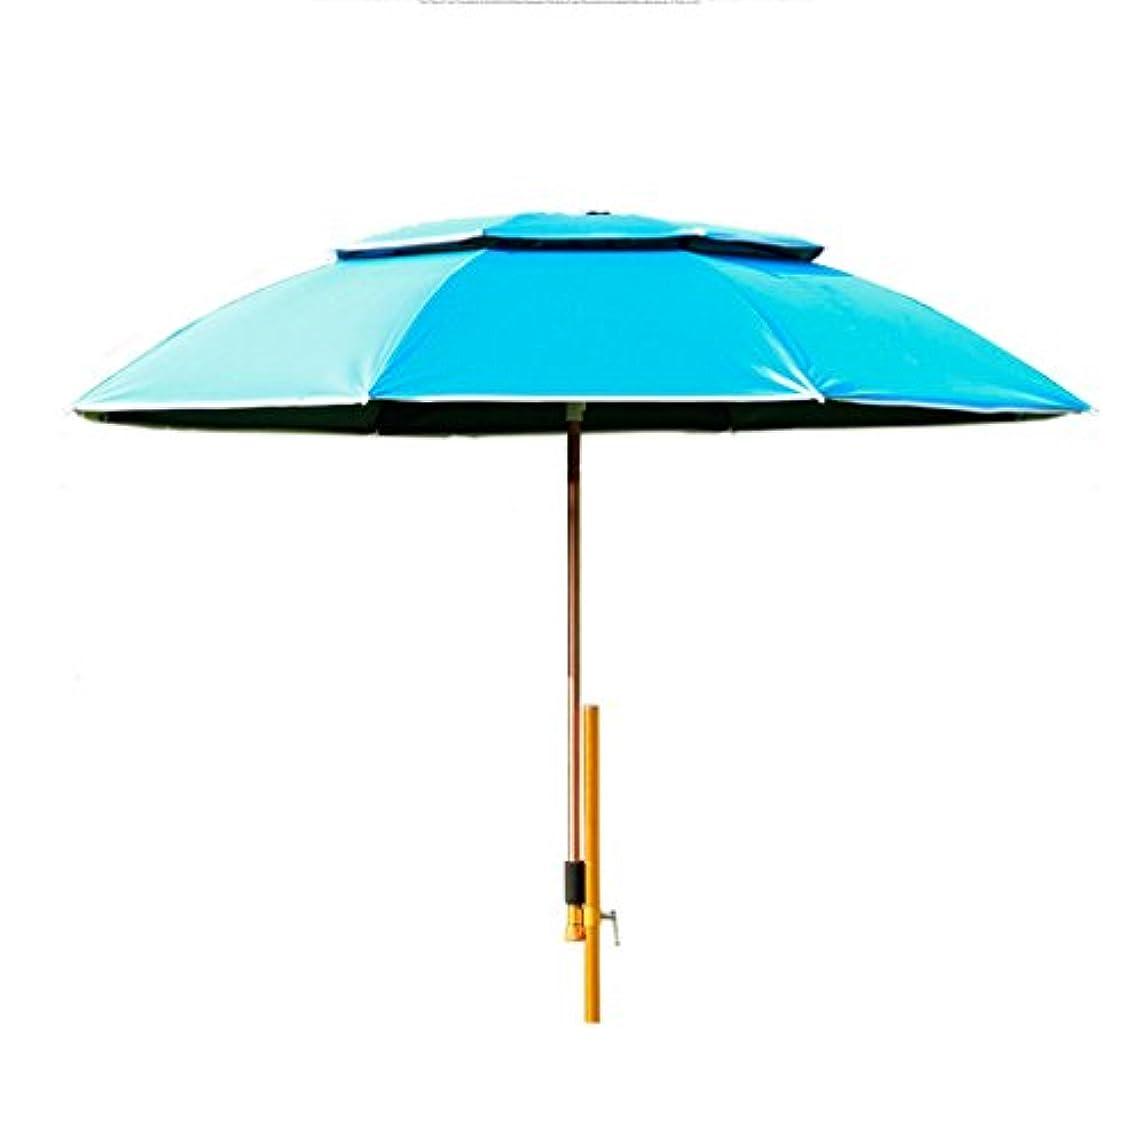 資金フォーカスインシデントLSS 屋外アンブレラ 釣り傘 傘 防風 ユニバーサルフィッシング傘 レインコート  UVプロテクション サンシャイン釣り傘 釣りタックル (色 : 青)